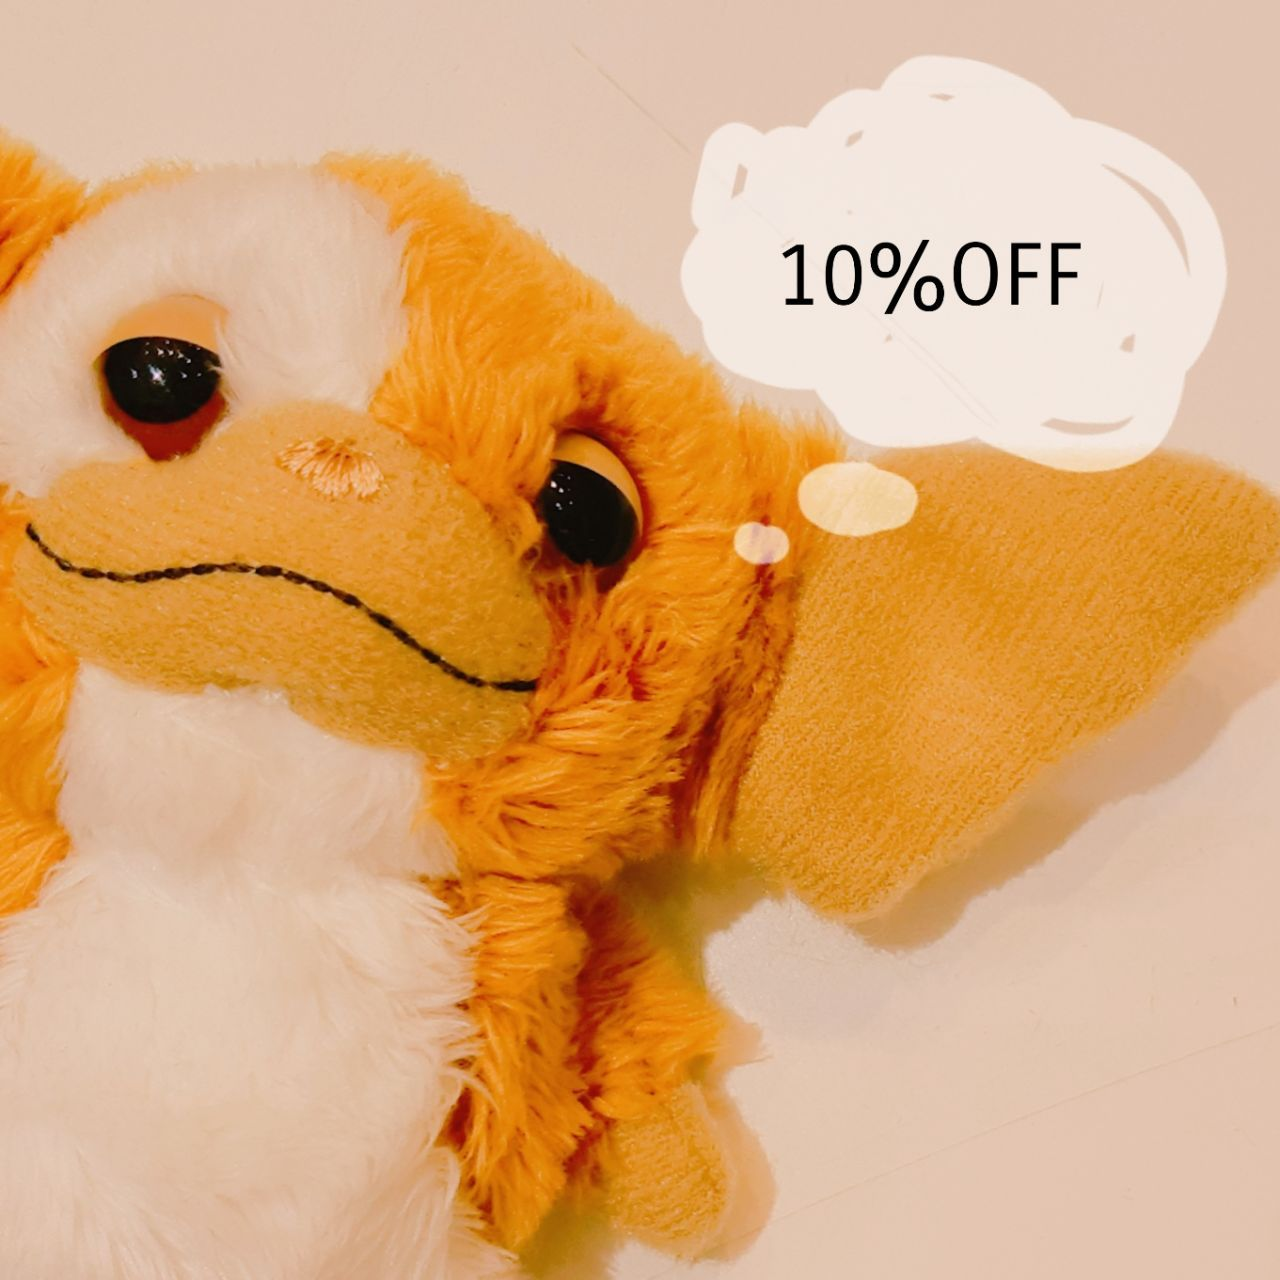 「アプリクーポン10%OFF☆」の写真